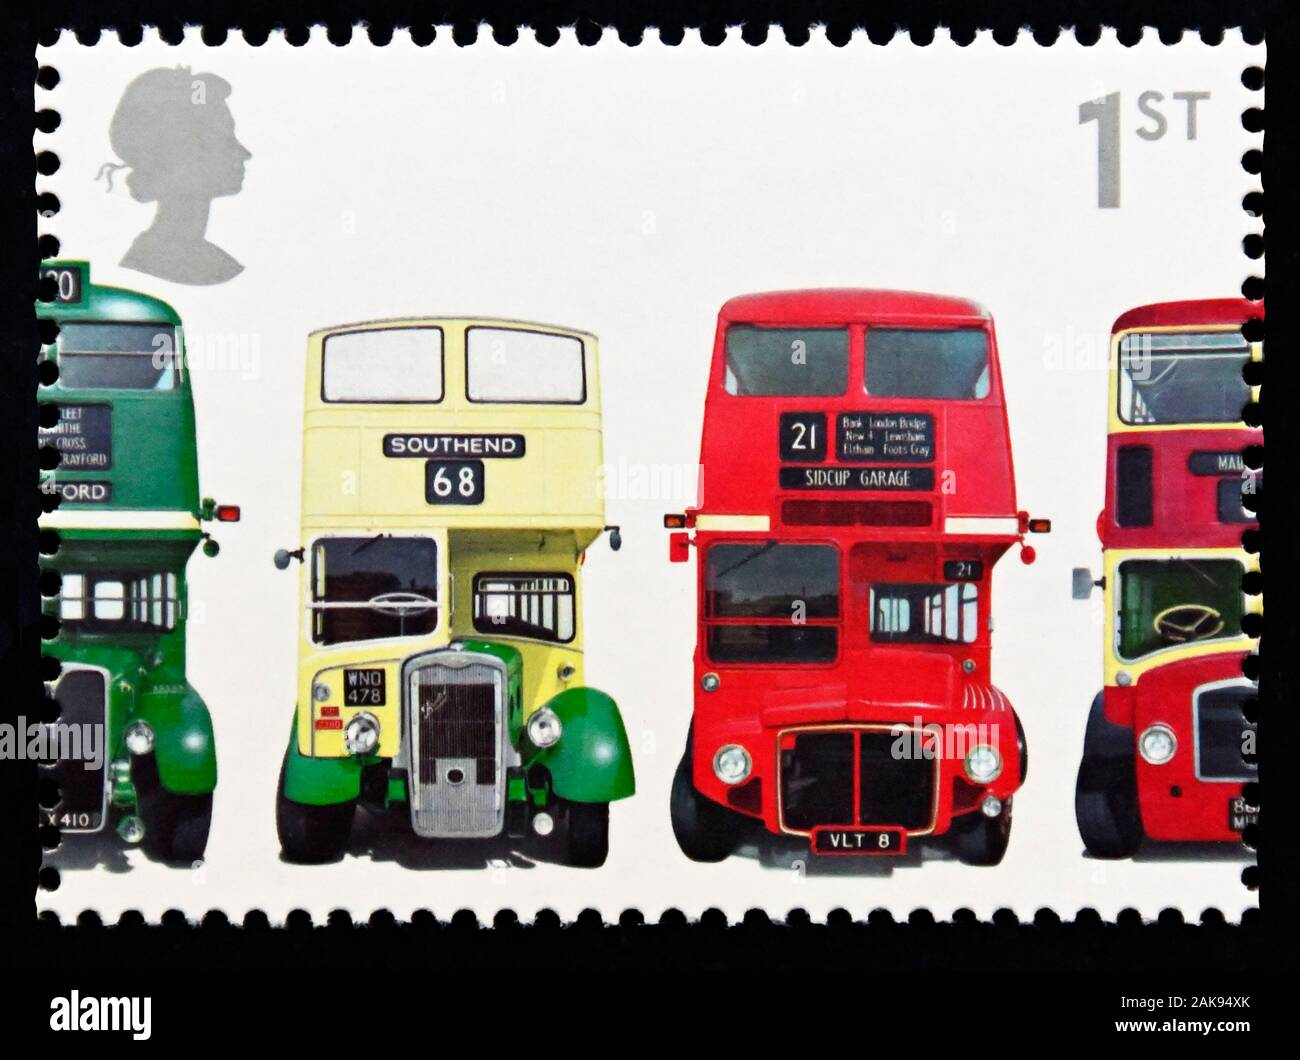 Briefmarke. Großbritannien. Königin Elizabeth II. Zum 150jährigen Jubiläum der ersten Doppeldecker Bus. 1. Klasse. 2001. Stockfoto